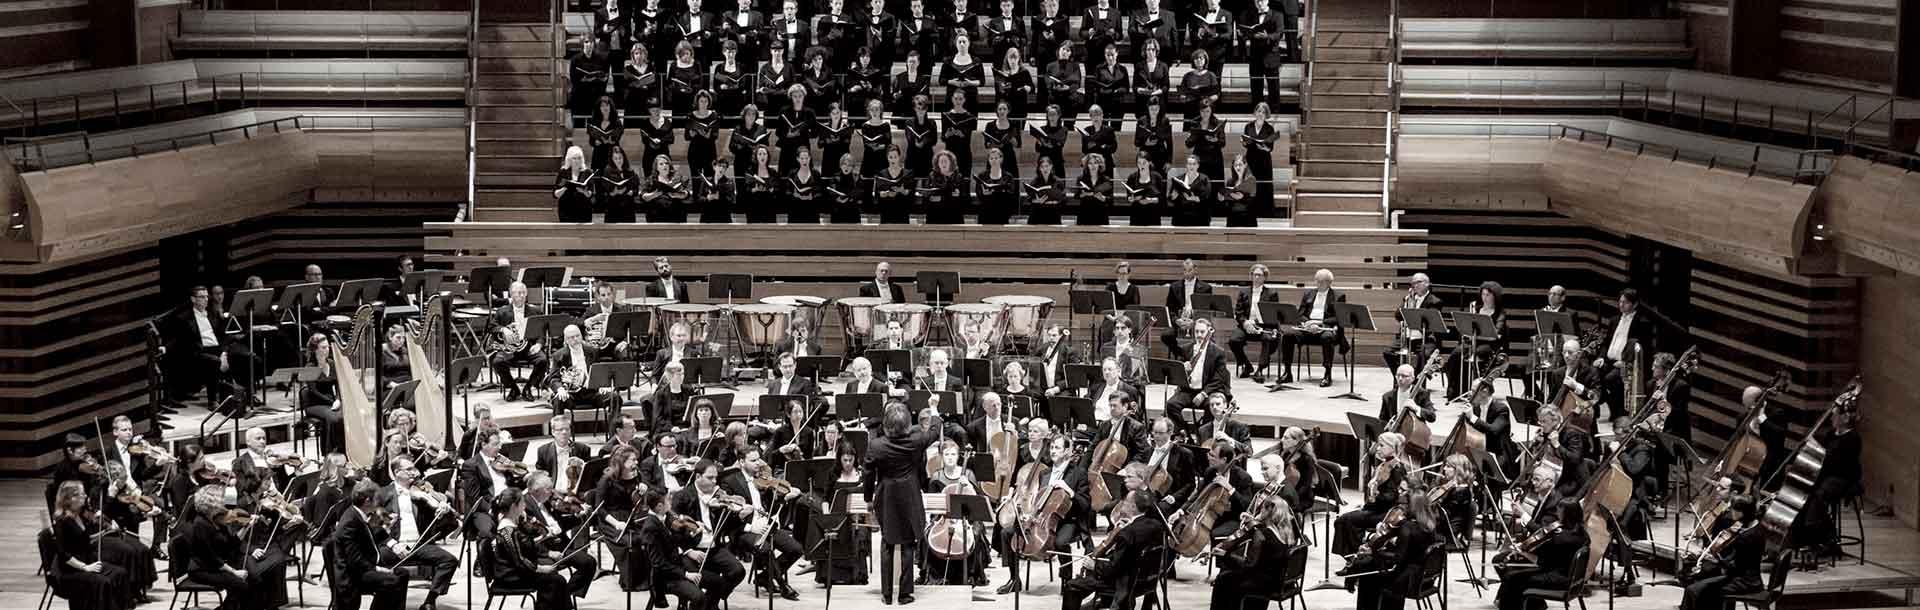 20160907_carmina_burana_orchestre_symphonique_de_montreal_1920_610